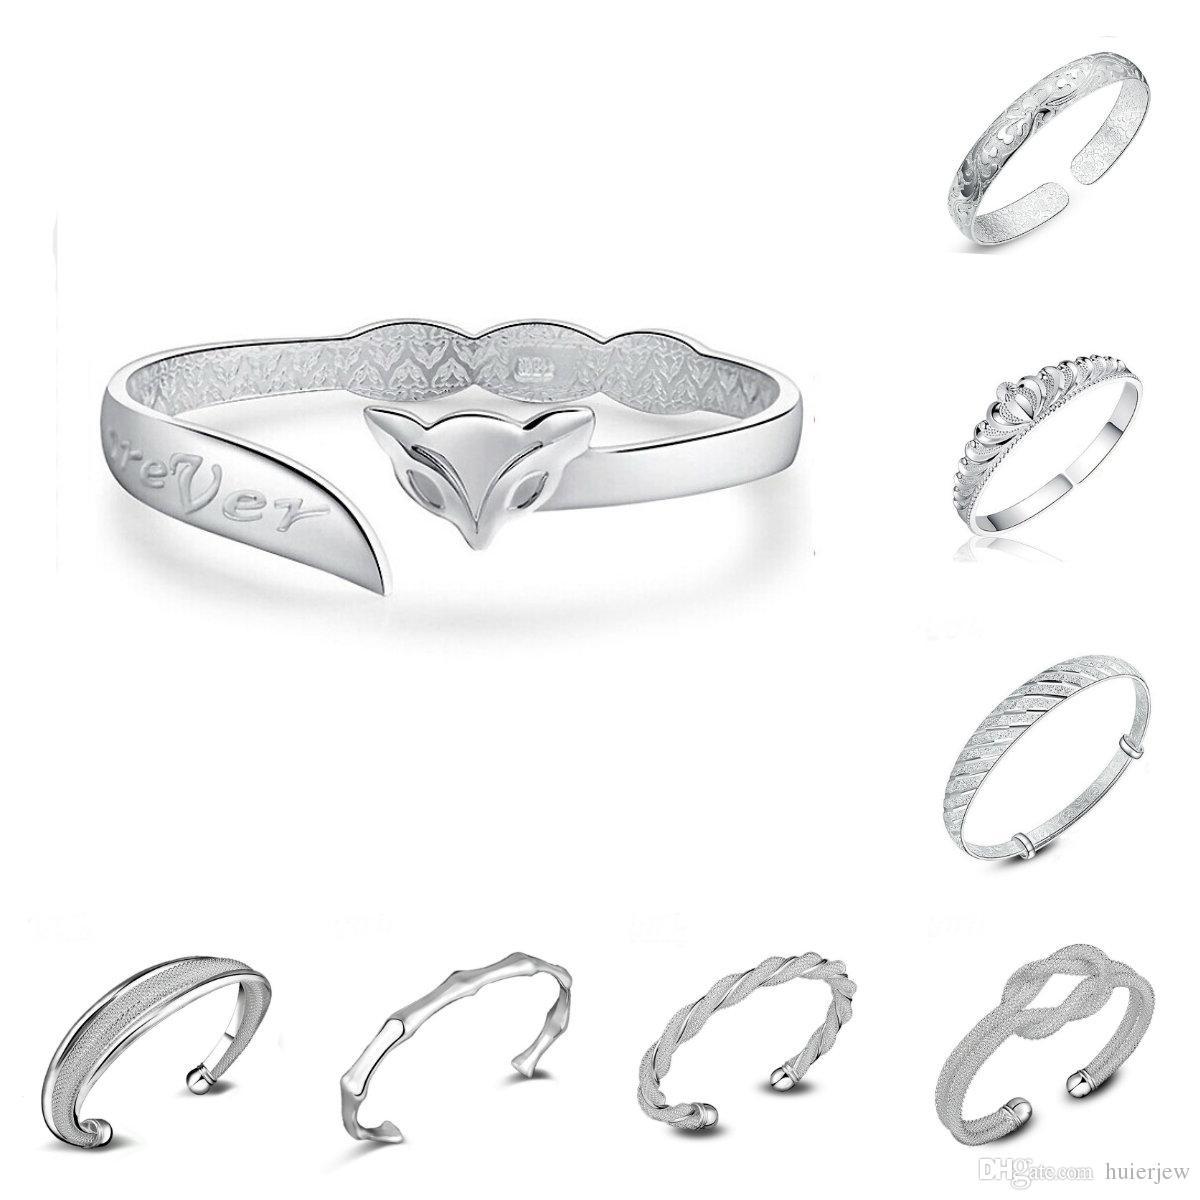 Braccialetti dell'argento sterlina 925 per gli uomini Donne Gioielli della mano aperta Braccialetto di modo della Boemia Braccialetti regolabili del polsino di stile cinese Braccialetti